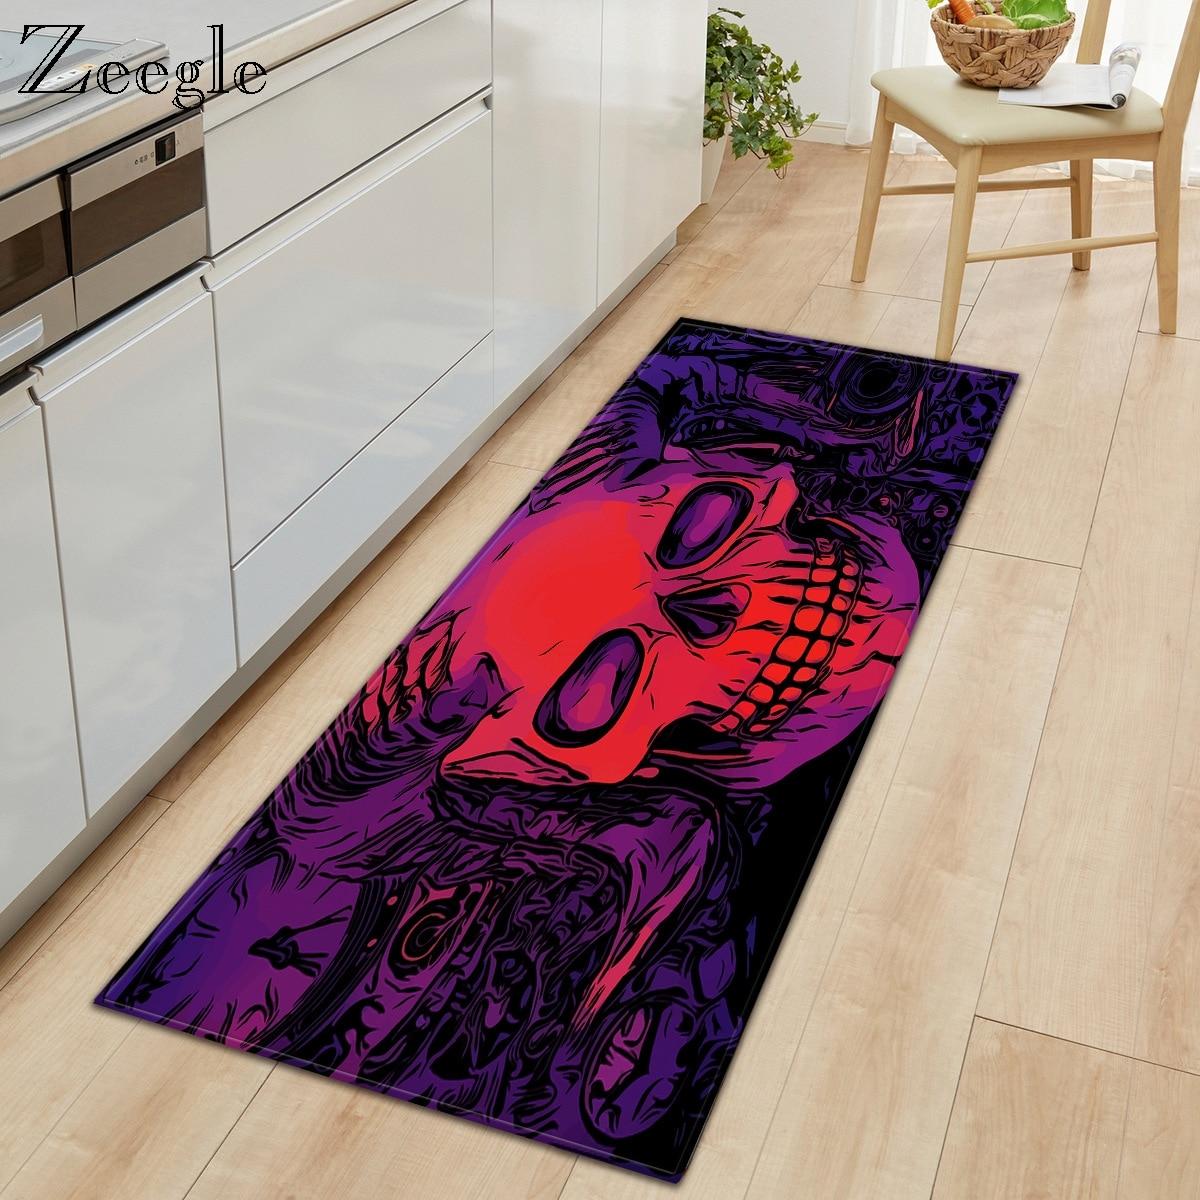 Zeegle Carpet Kitchen Rug Anti-slip Living Room Floor Rug Hallway Carpet Absorproof Bathroom Doormat Flannel Bedside Carpet Mat